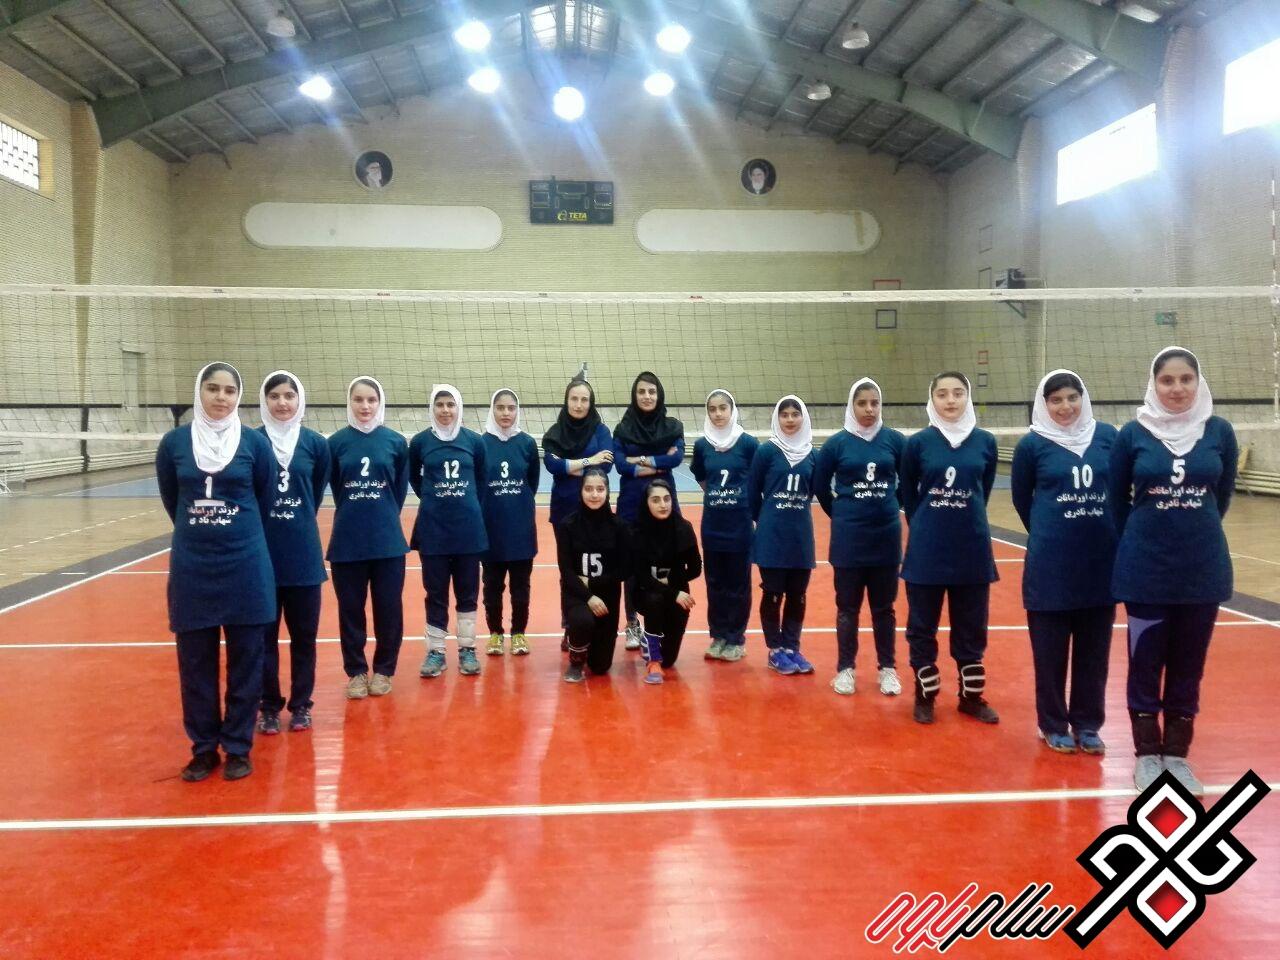 افتخار آفرینی والیبالیست های دختر پاوه/ قهرمانی پاوه در استان کرمانشاه